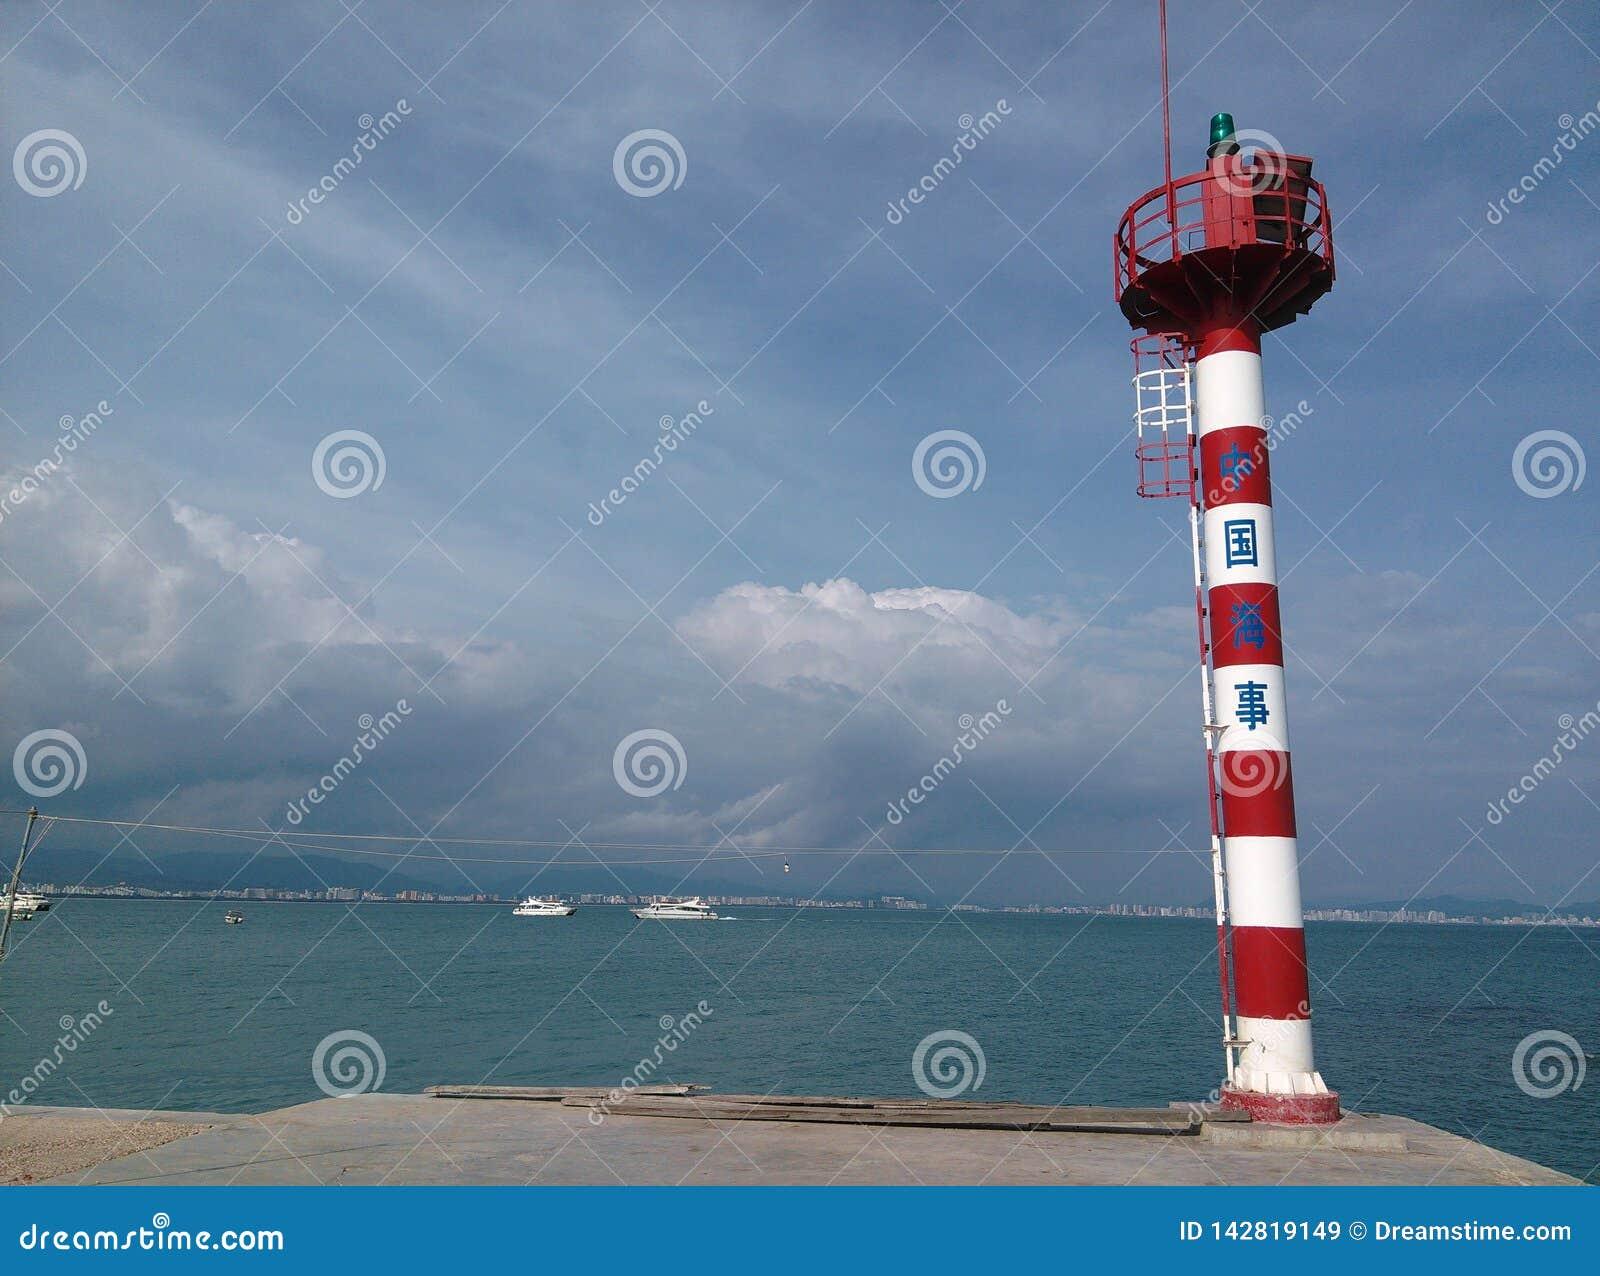 Lighthouse in Sanya, Hainan in China.